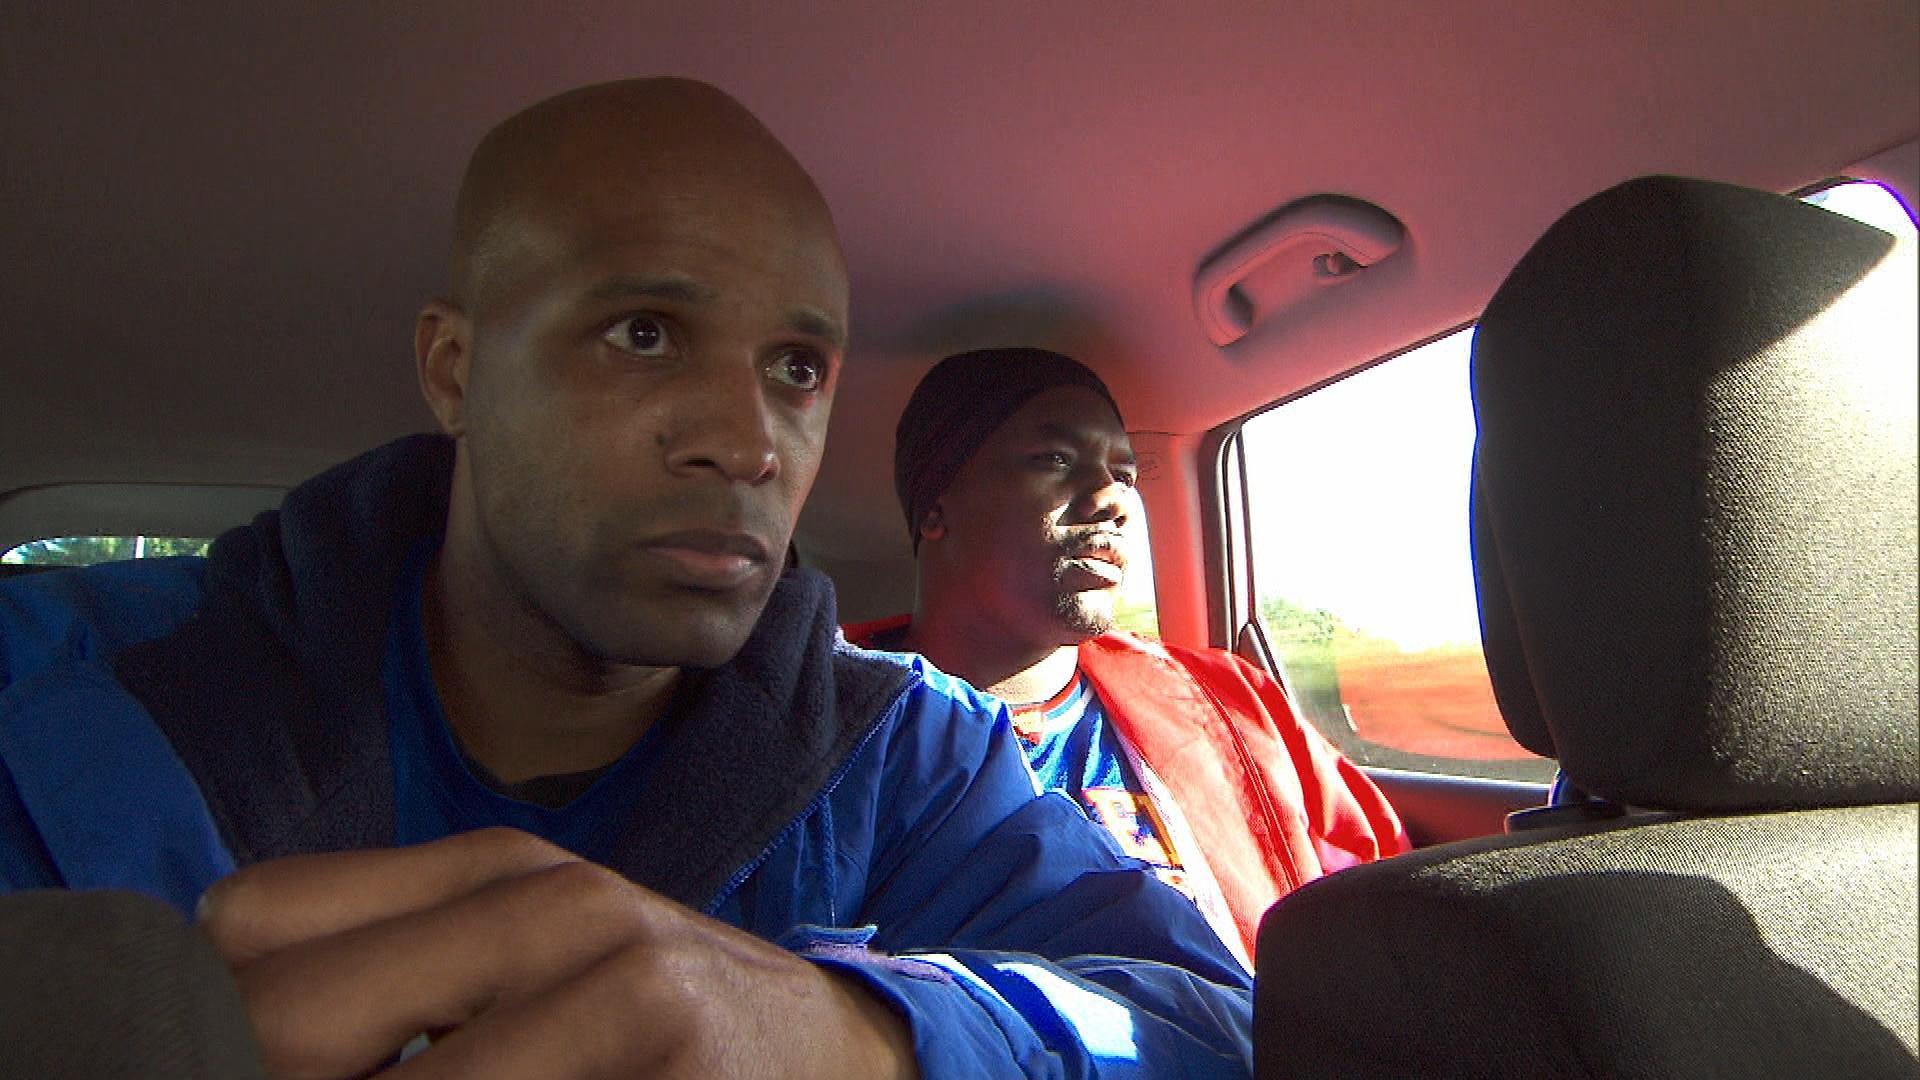 Harlem Globetrotters in Season 24 Episode 7